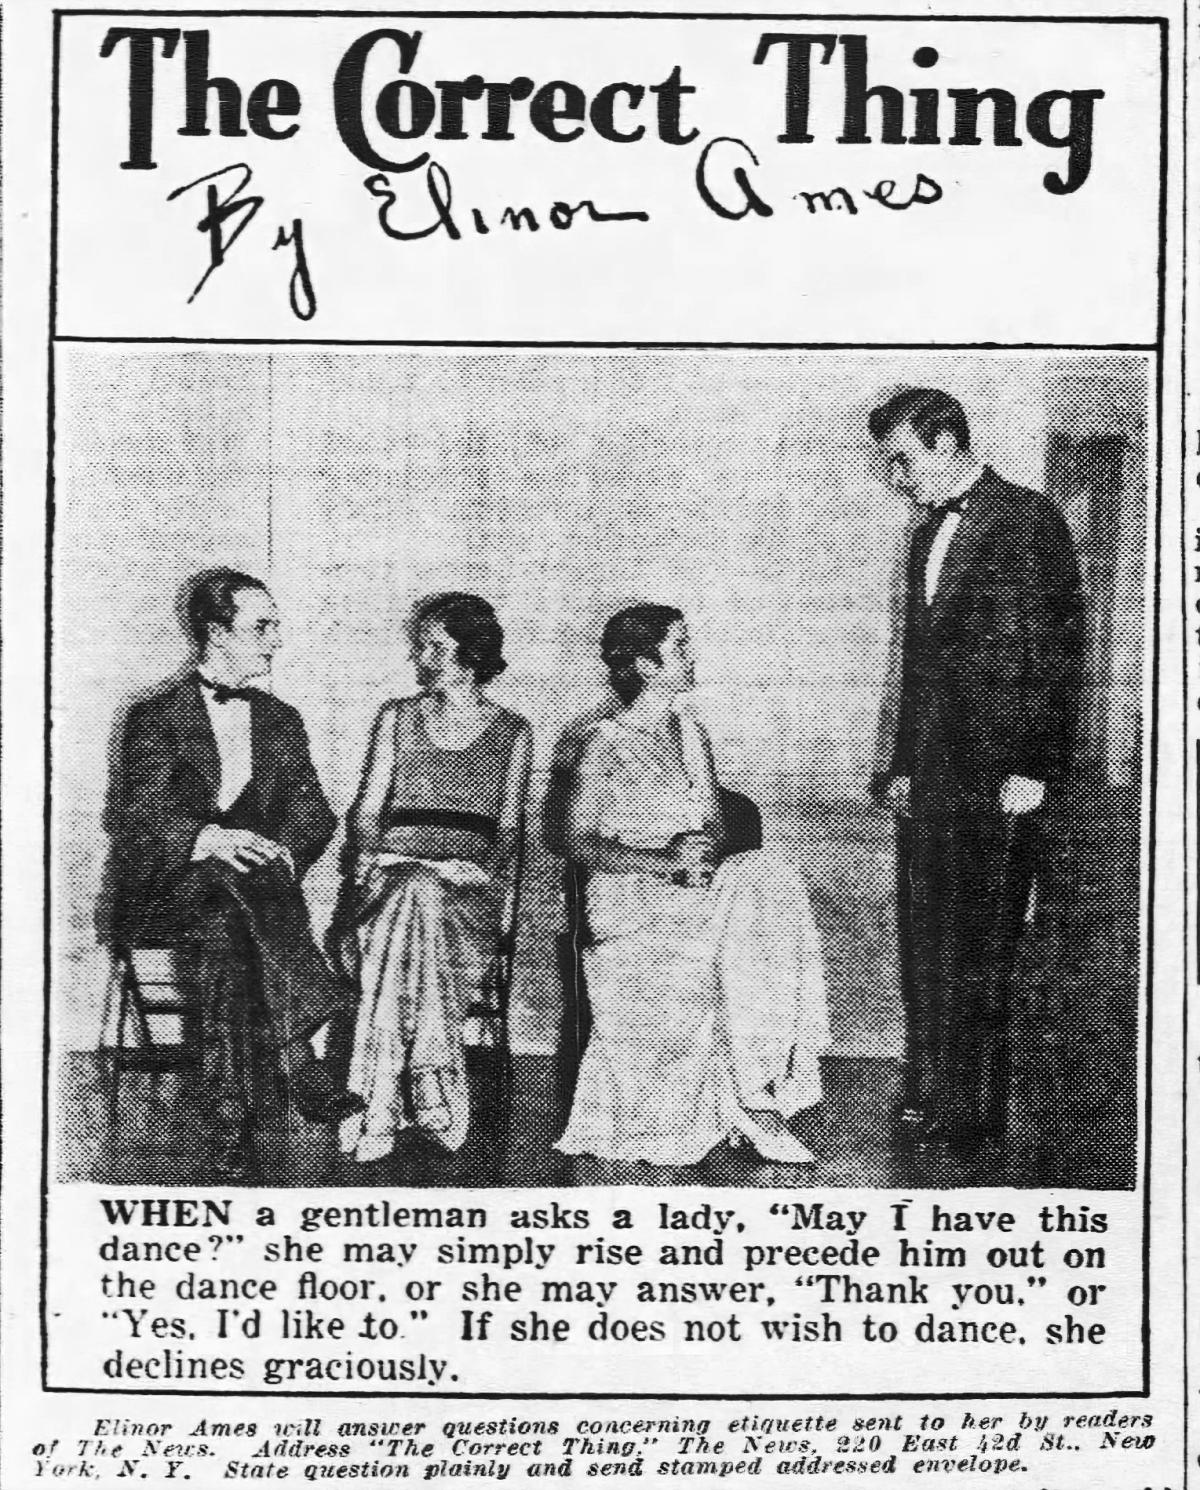 Daily_News_Sun__Nov_13__1932aiH